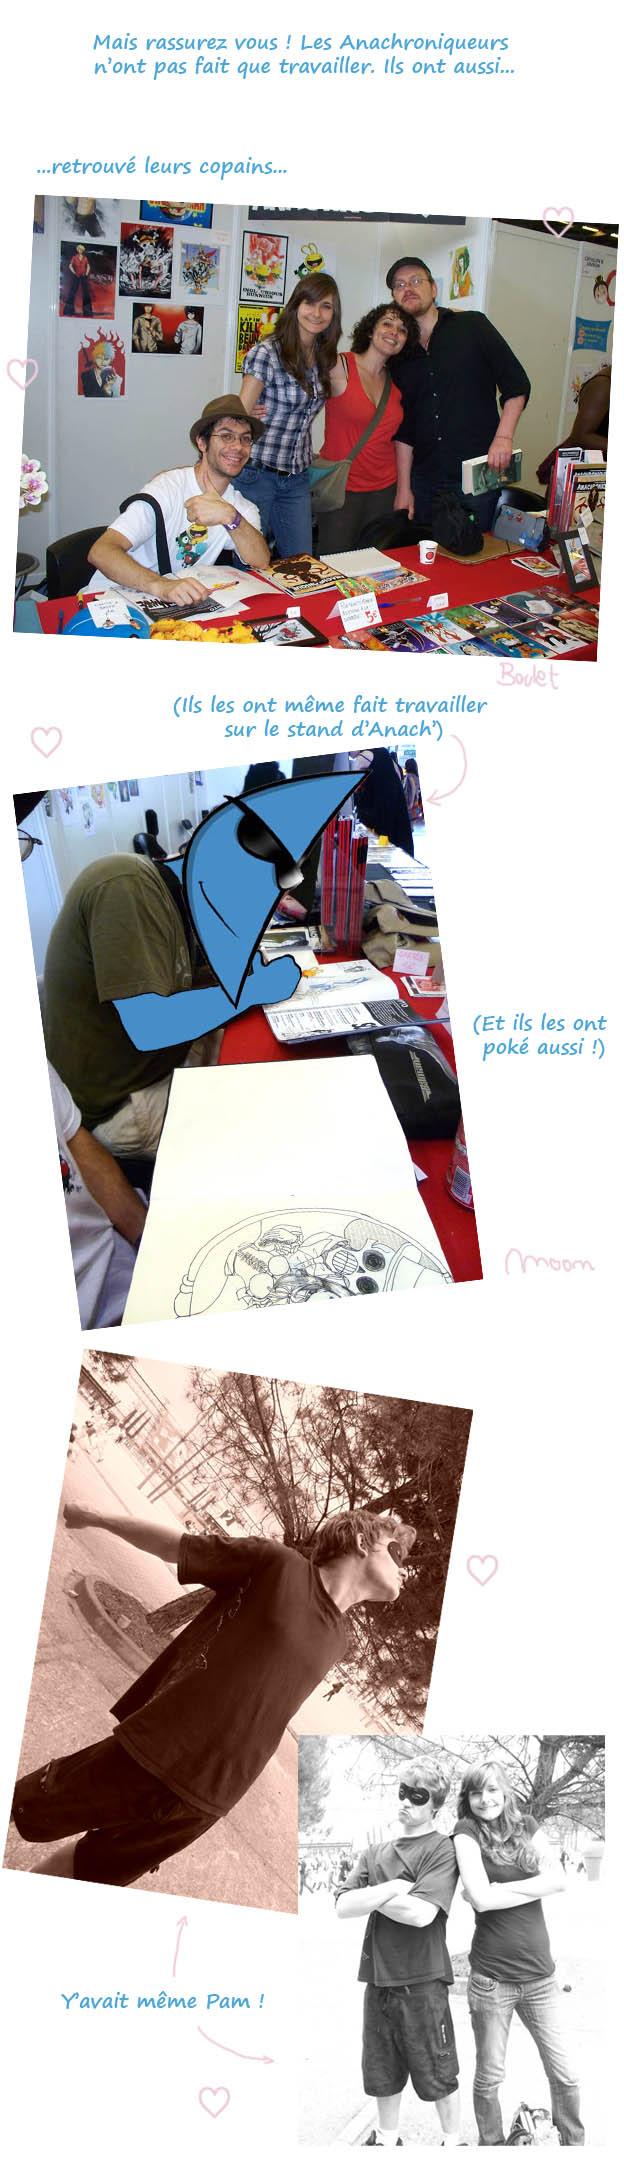 http://i38.servimg.com/u/f38/11/28/19/24/je201015.jpg